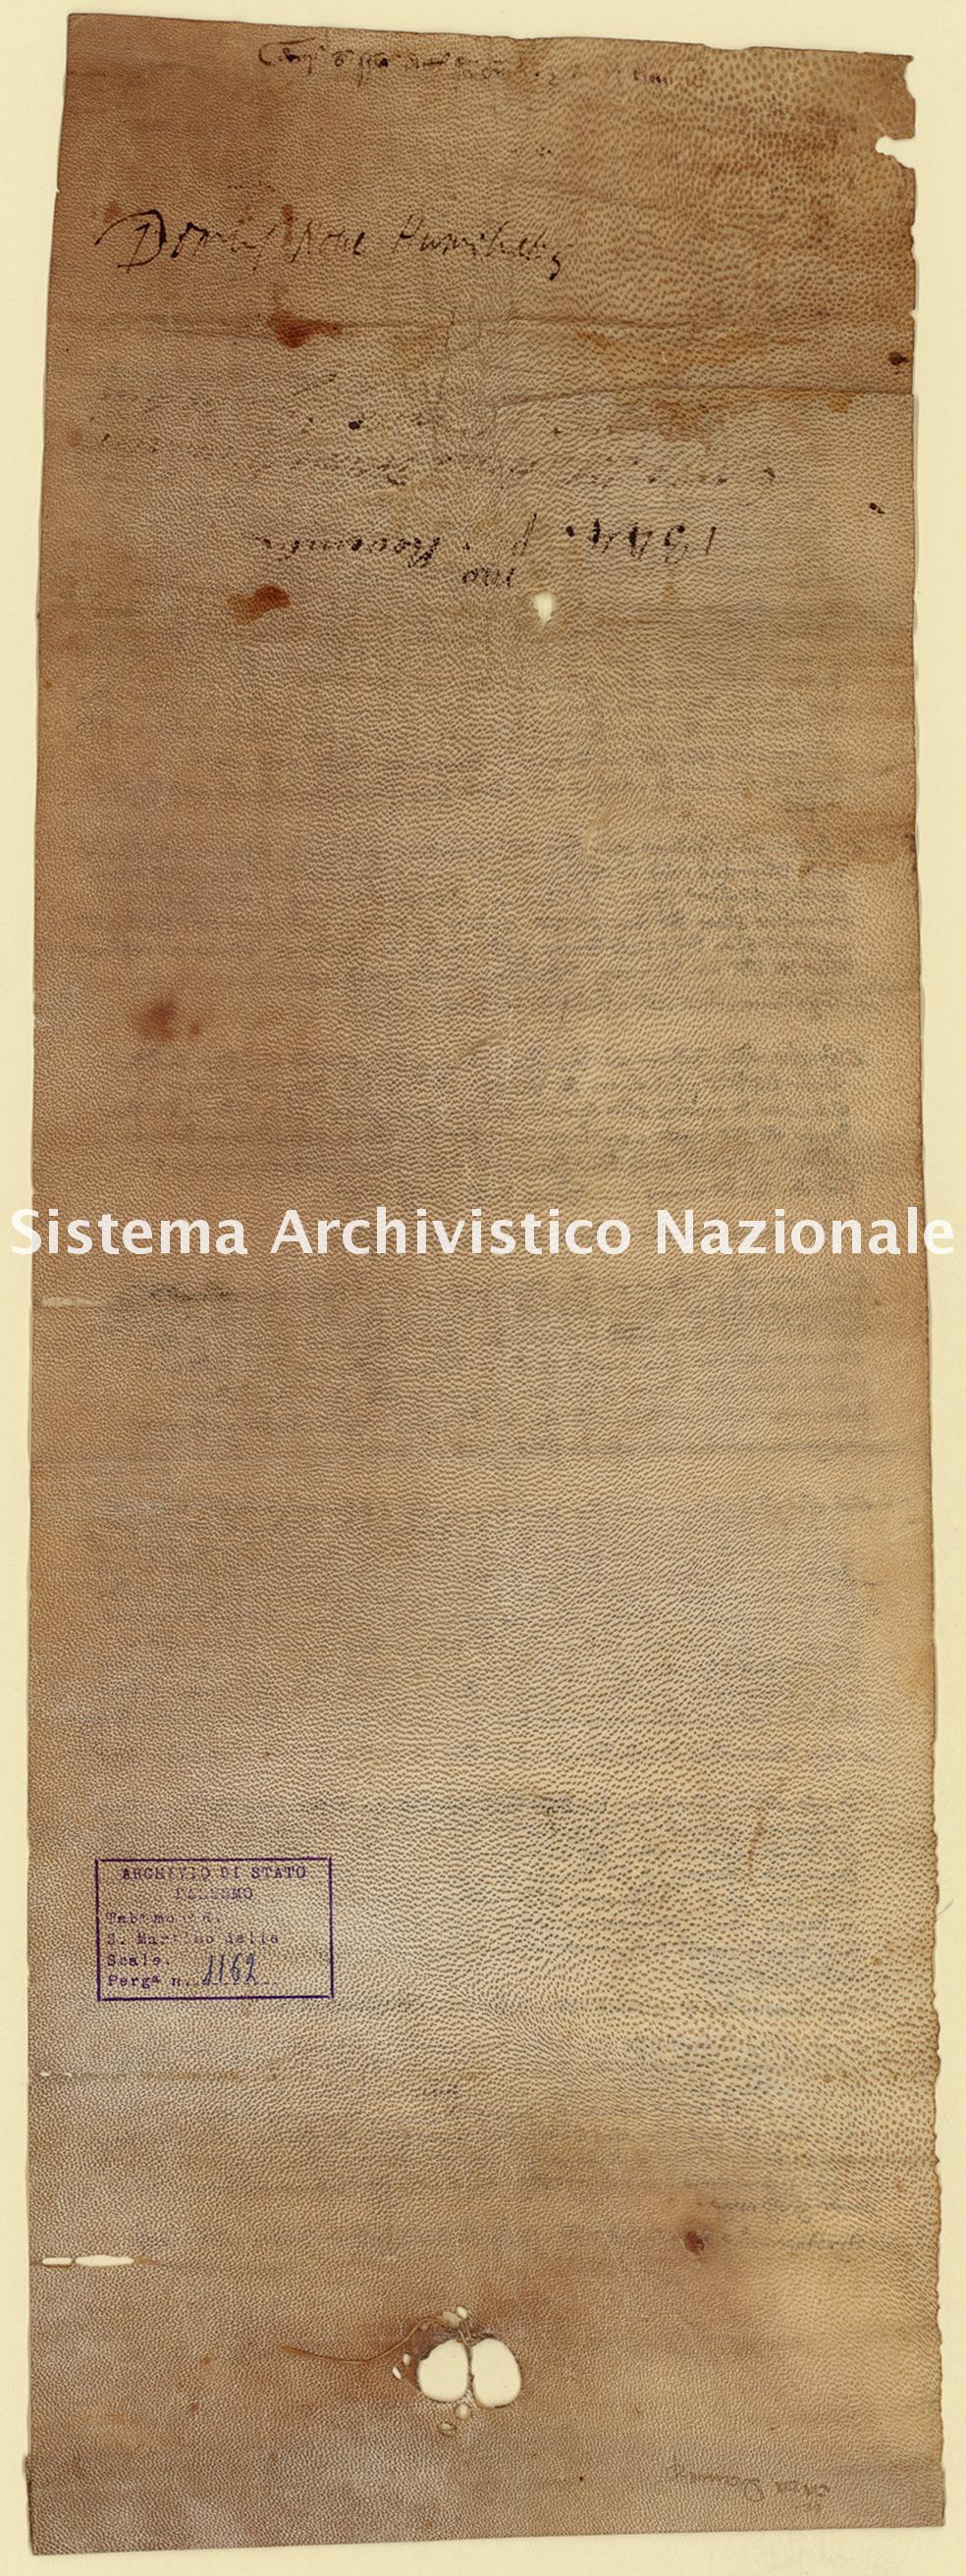 Archivio di Stato di Palermo, Diplomatico, Tabulario del monastero di San Martino delle Scale, Pergamena TSMS 1162